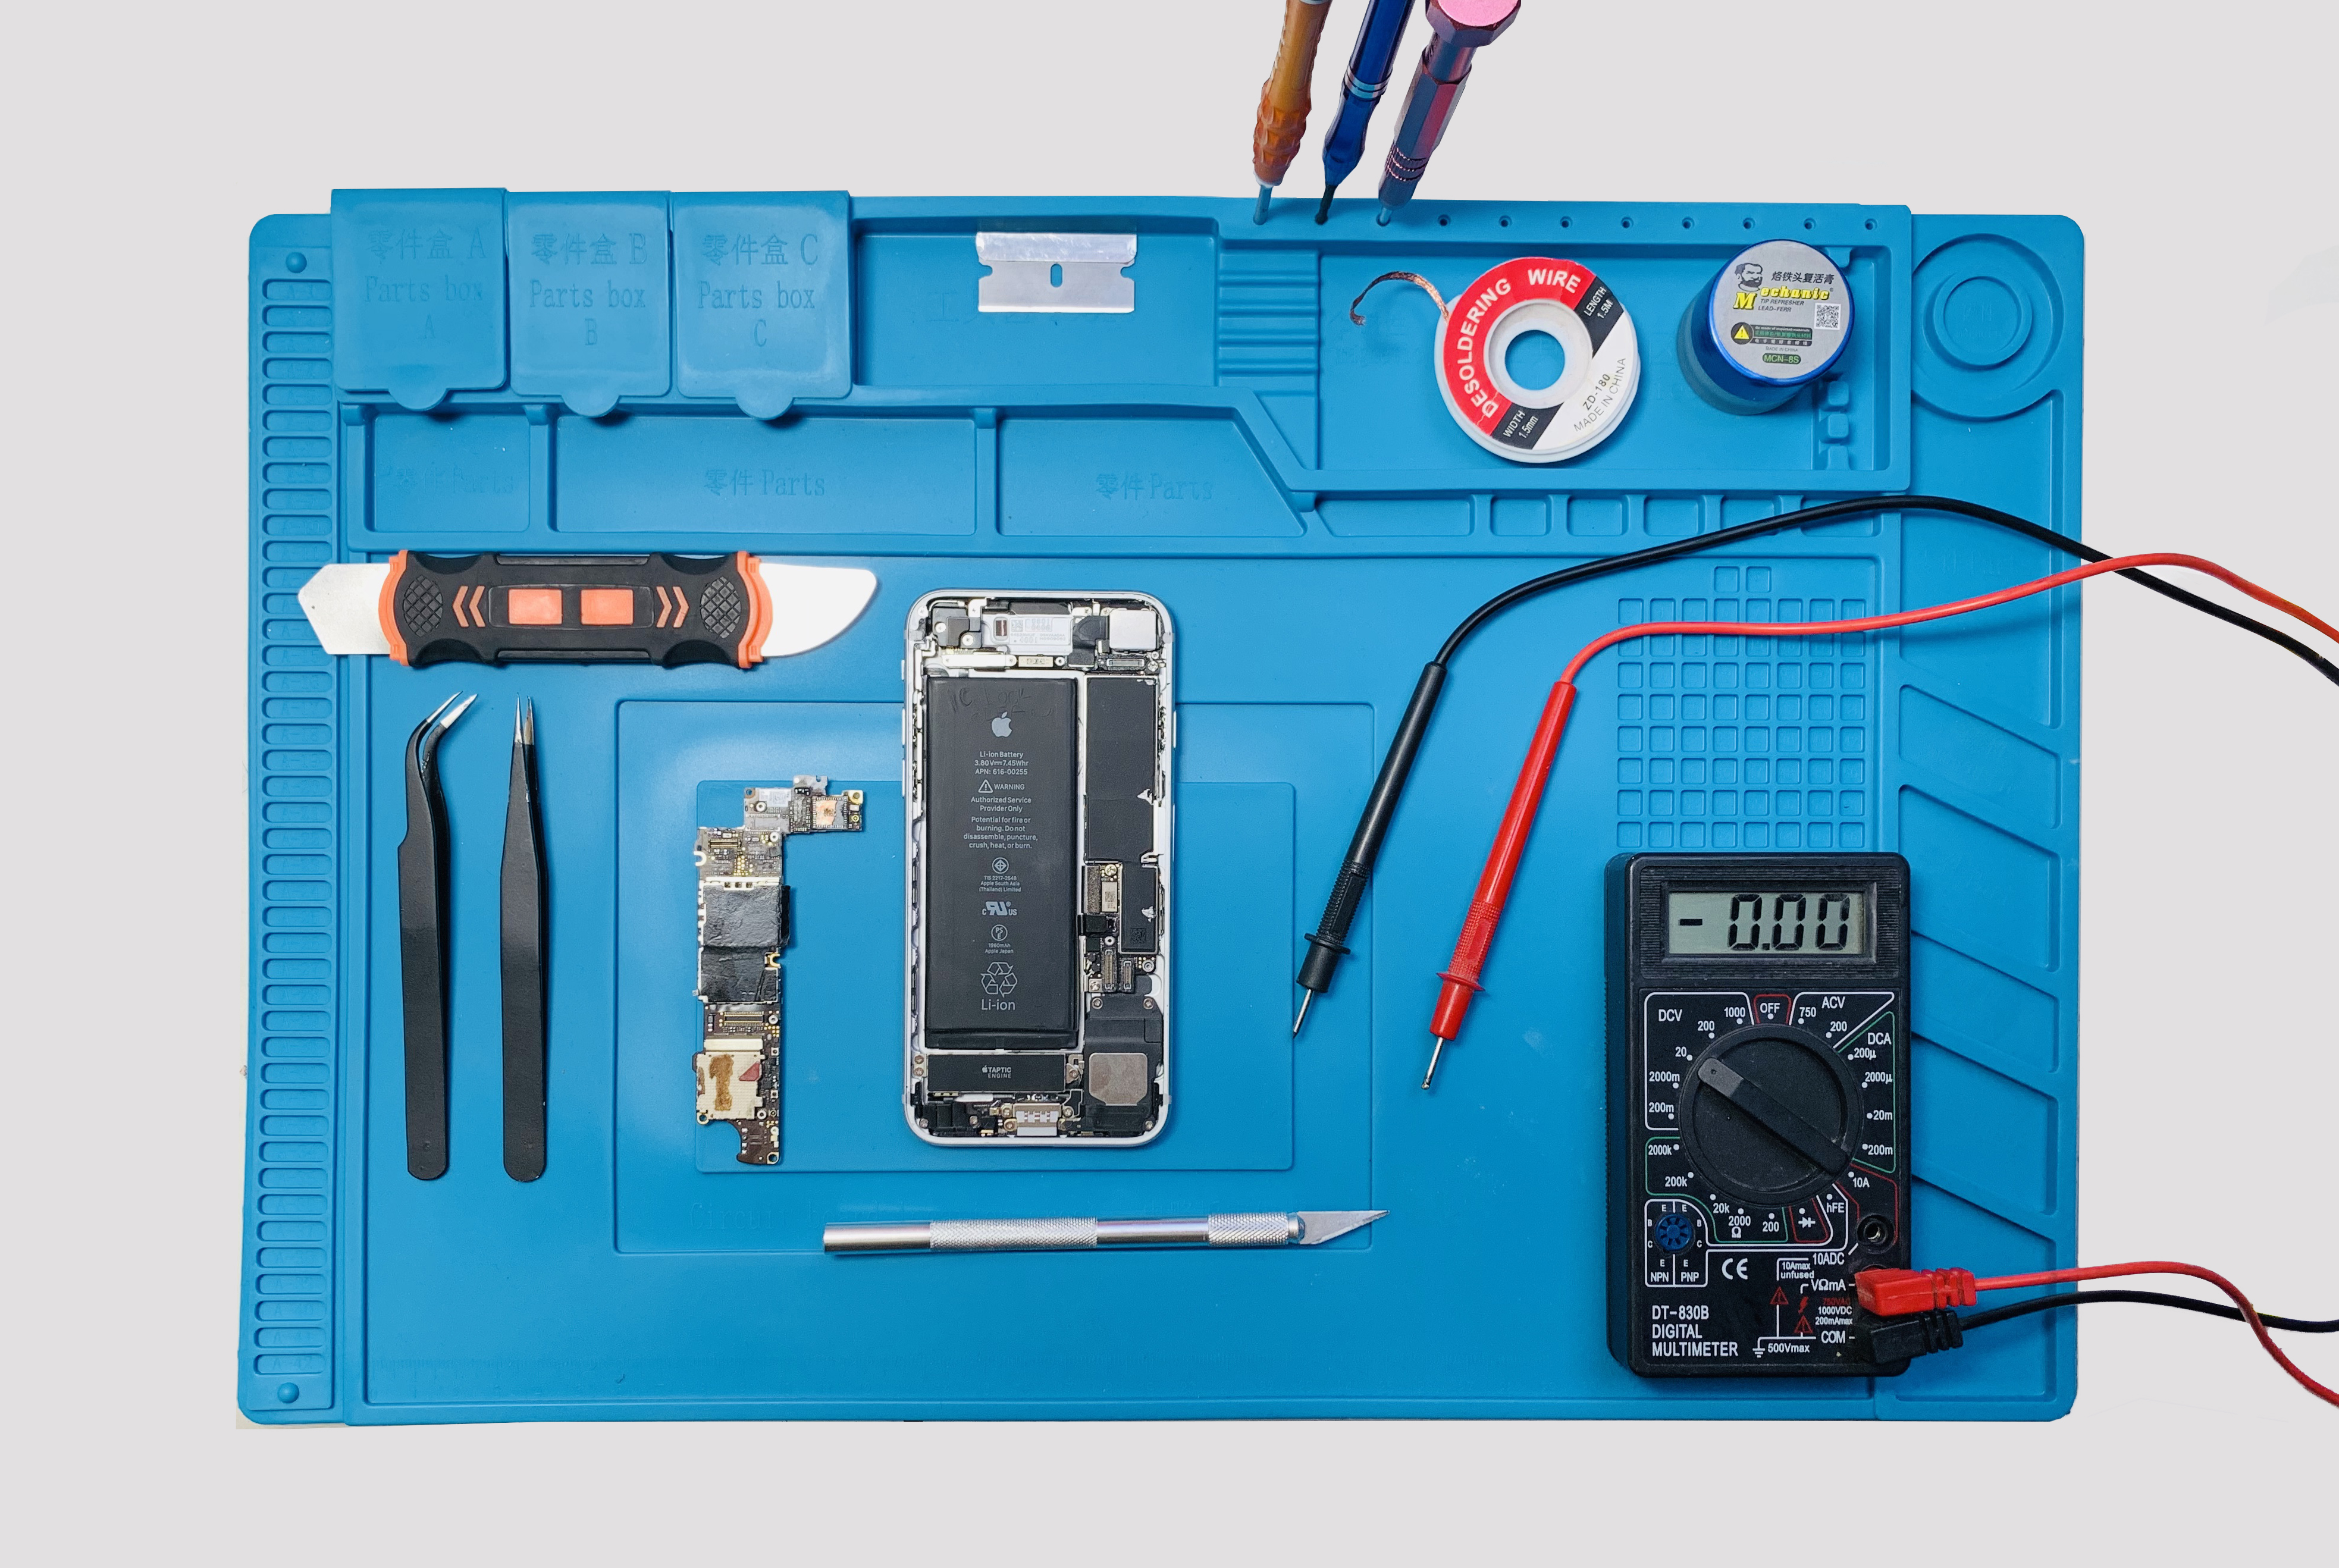 Opravy Apple zařízení